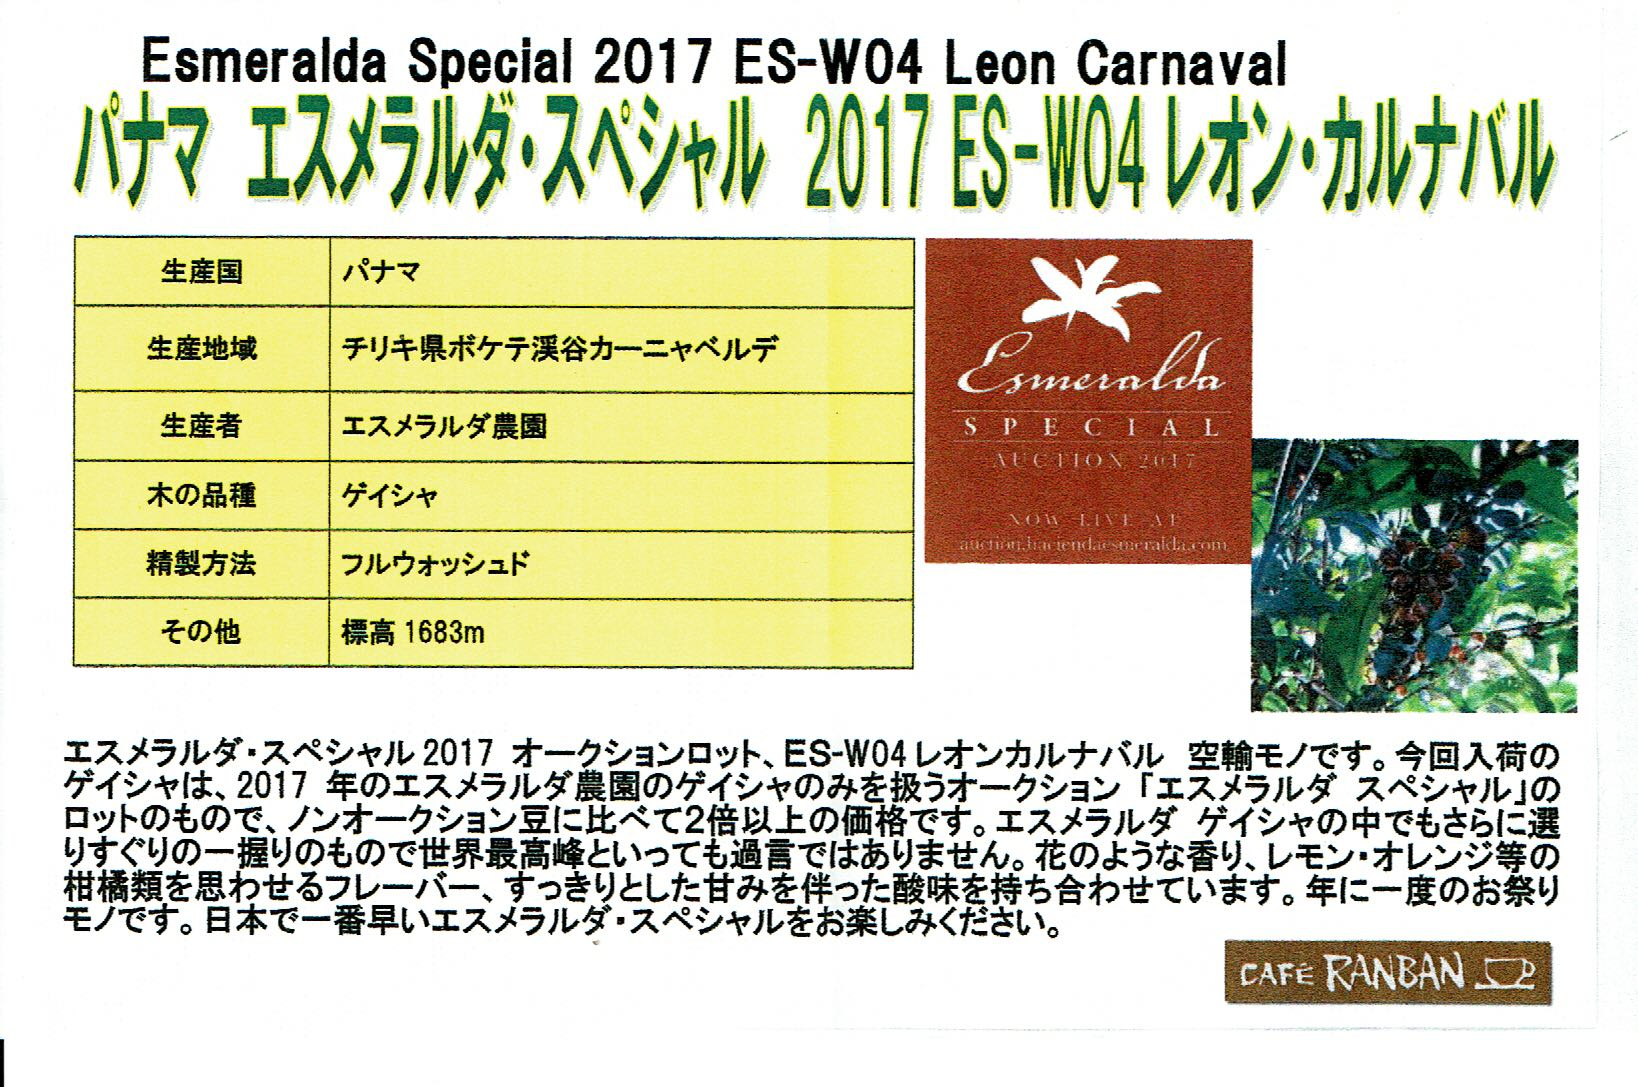 カフェ ランバン:パナマ エスメラルダスペシャル2017 オークションロット ES-W04 レオン・カルナバル